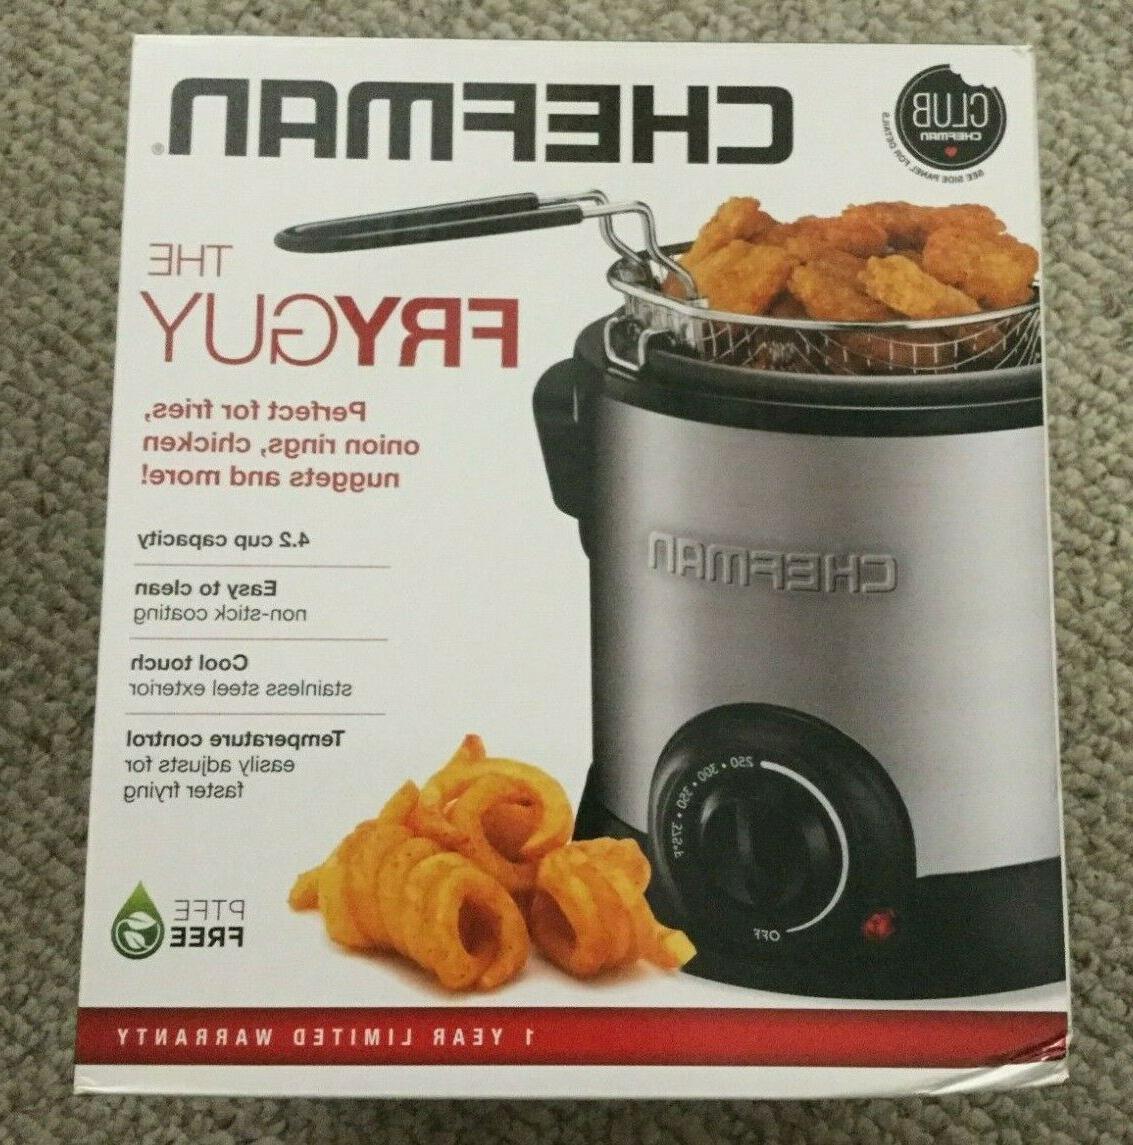 the fryguy 4 2 cup deep fryer